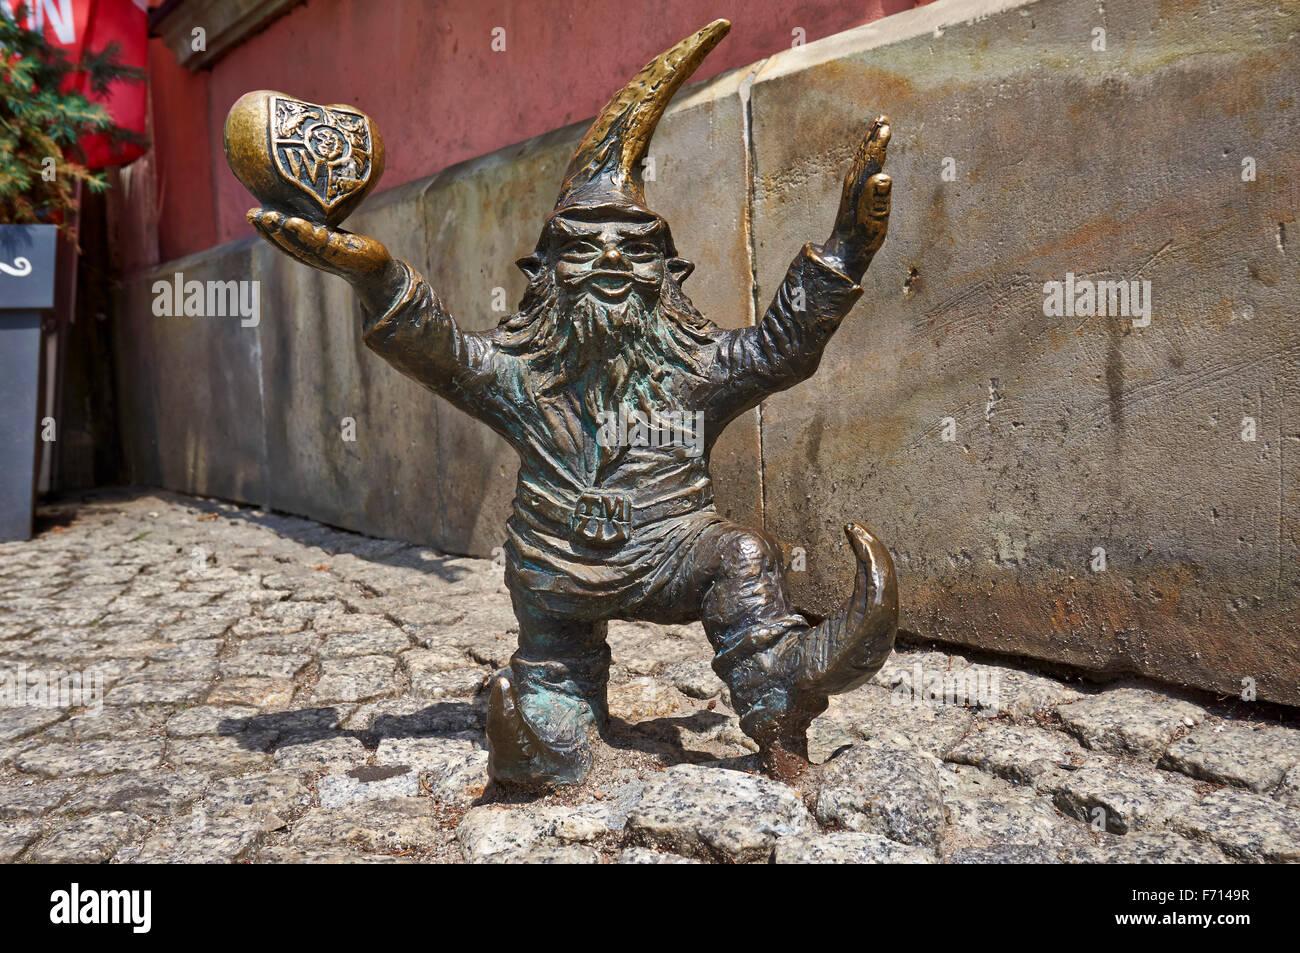 Wroclaw's dwarfs, Wrocław, Poland, Europe - Stock Image